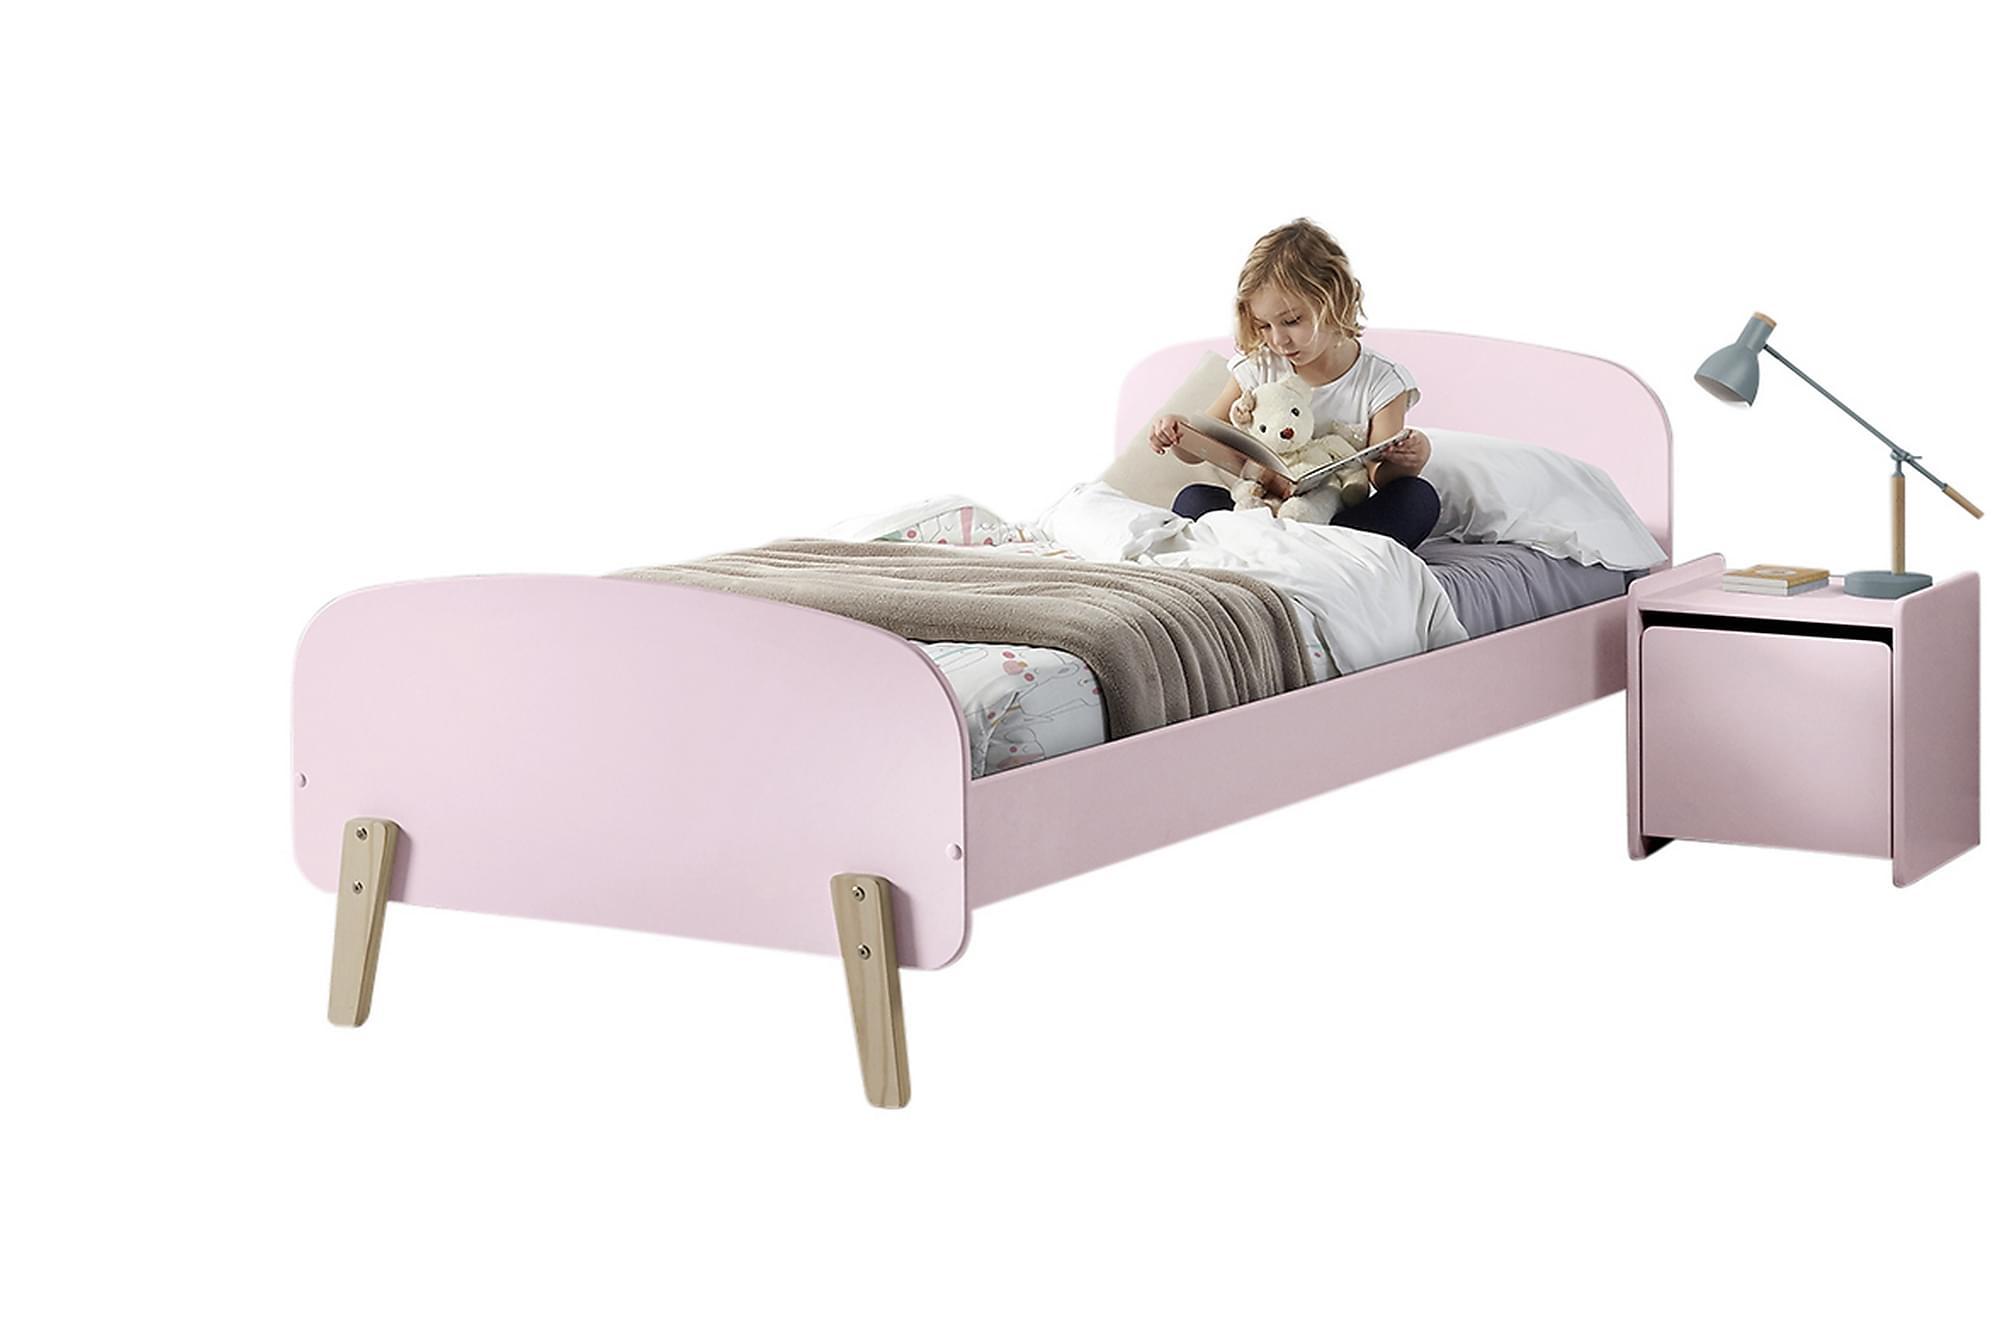 HIPSTOP Sängram Sängbord Rosa, Möbelset för sovrum